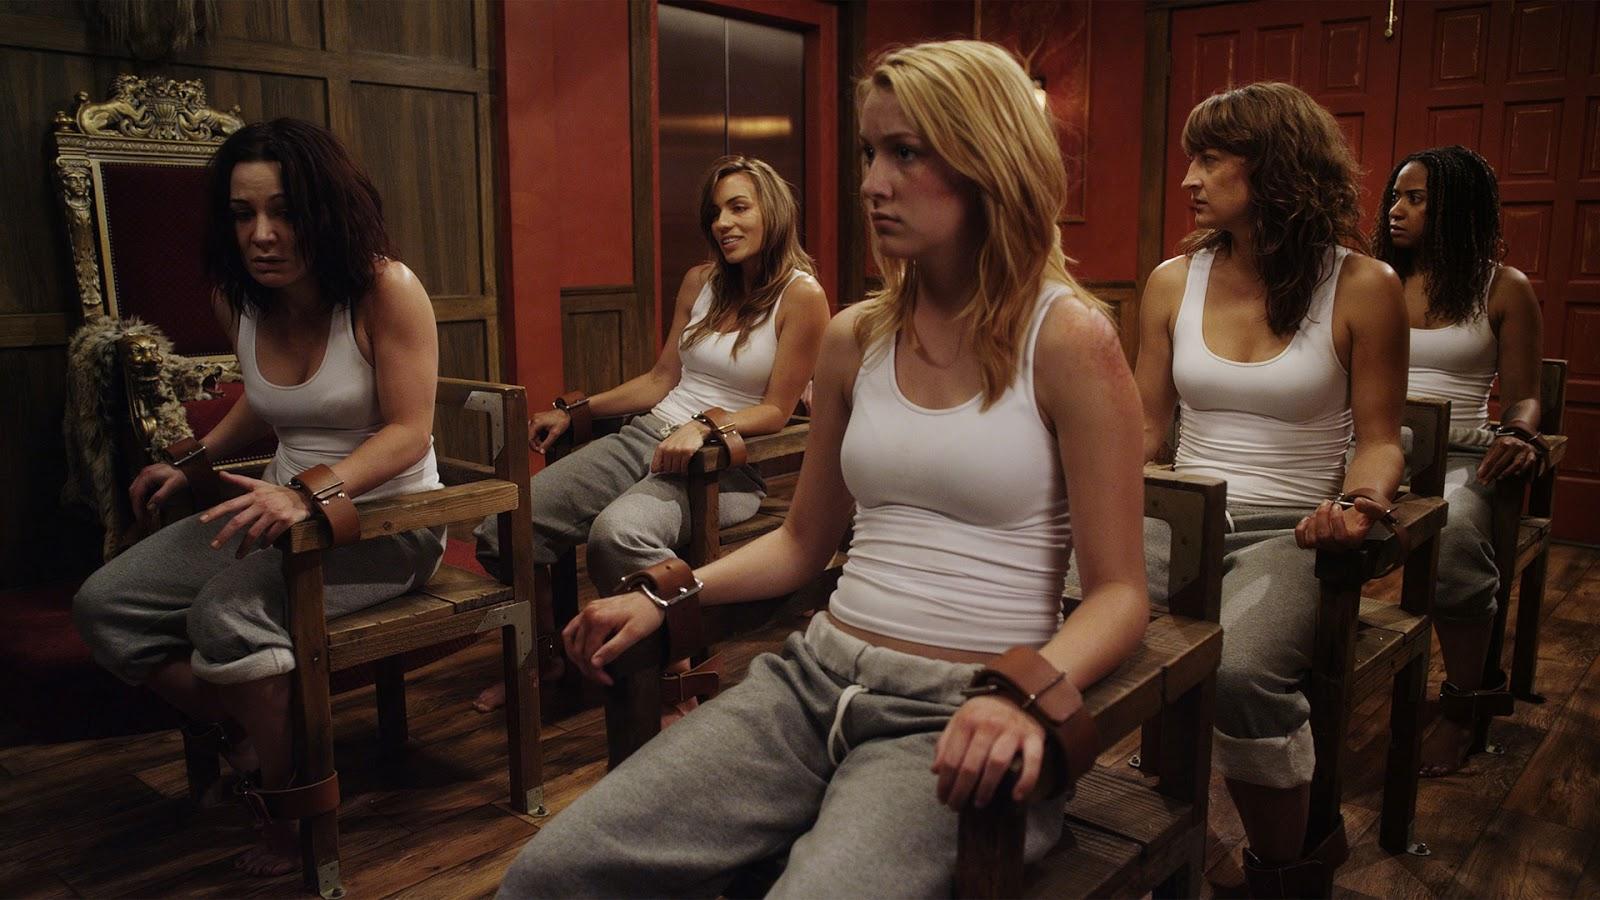 Тюремные девочки 2011 смотреть онлайн 3 фотография